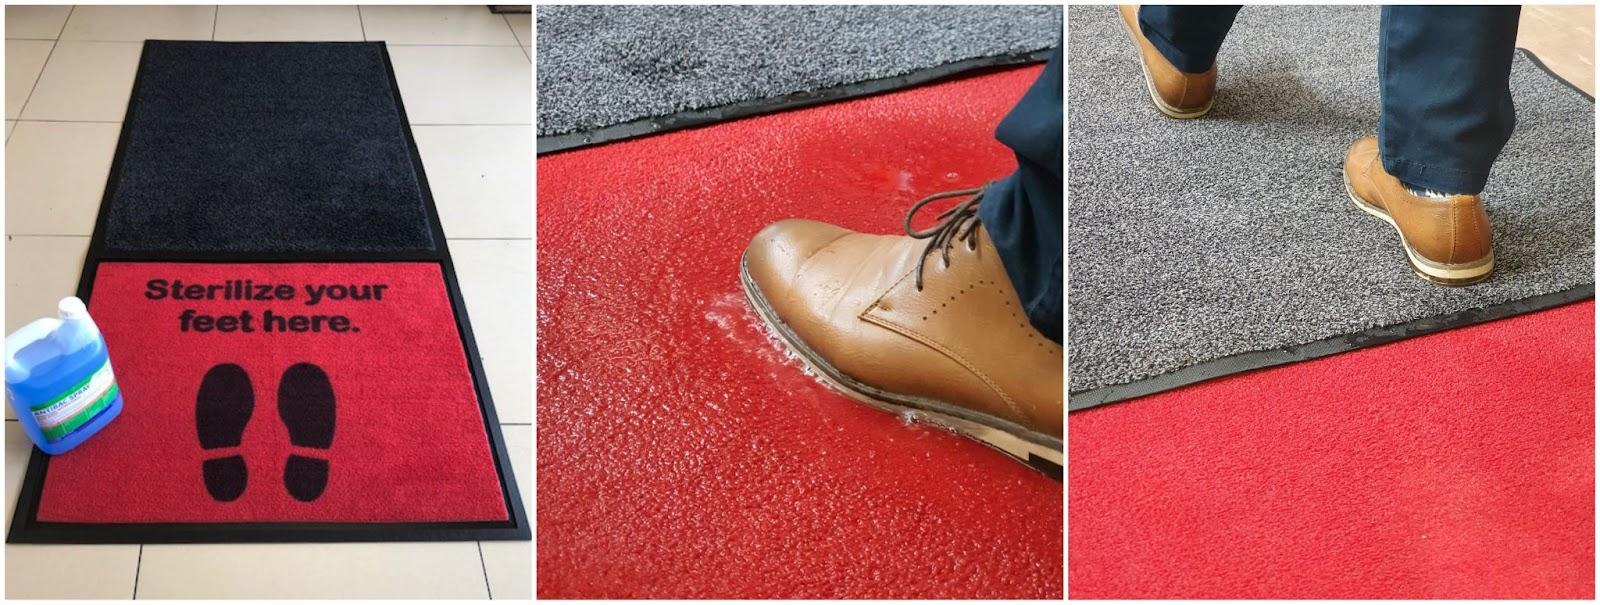 Sanitising floor entrance mat for covid-19